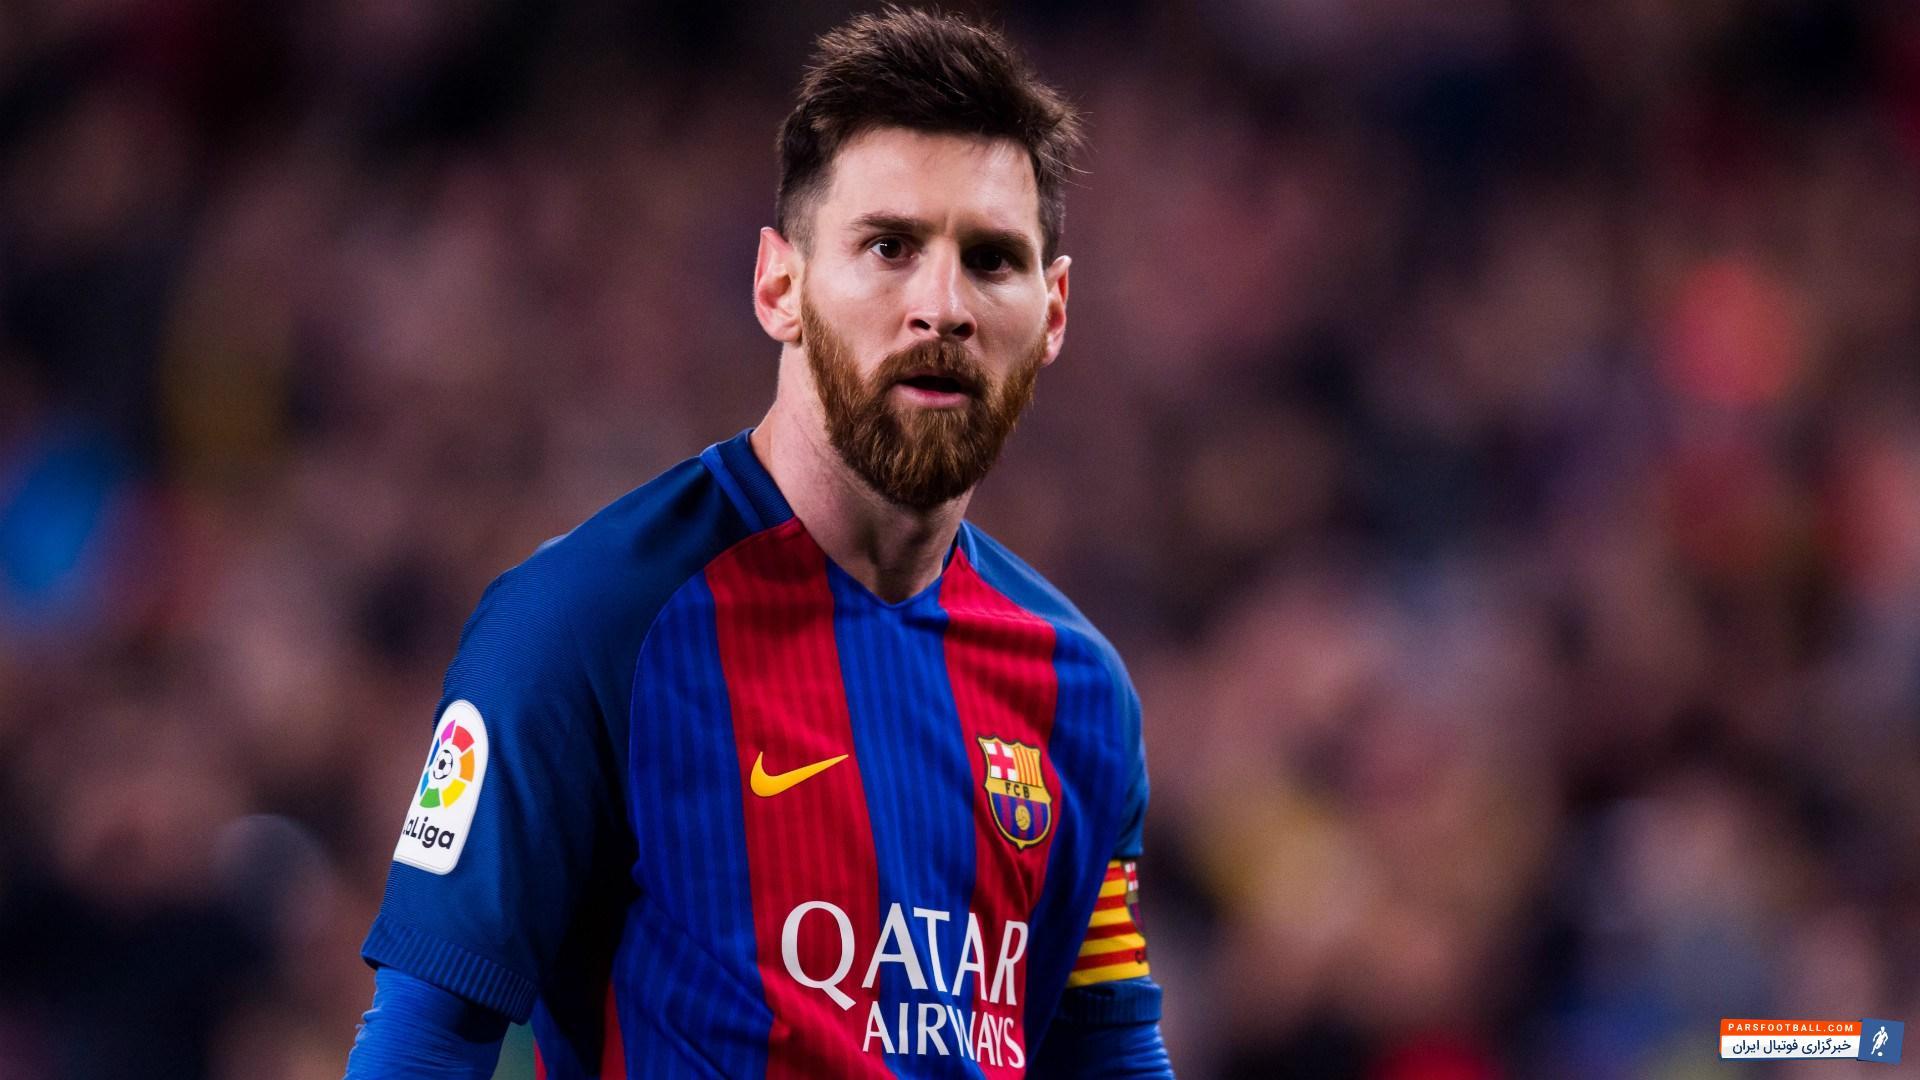 مسی ؛ عملکرد های فوق العاده لیونل مسی فوق ستاره بارسلونا به عنوان یار تعویضی